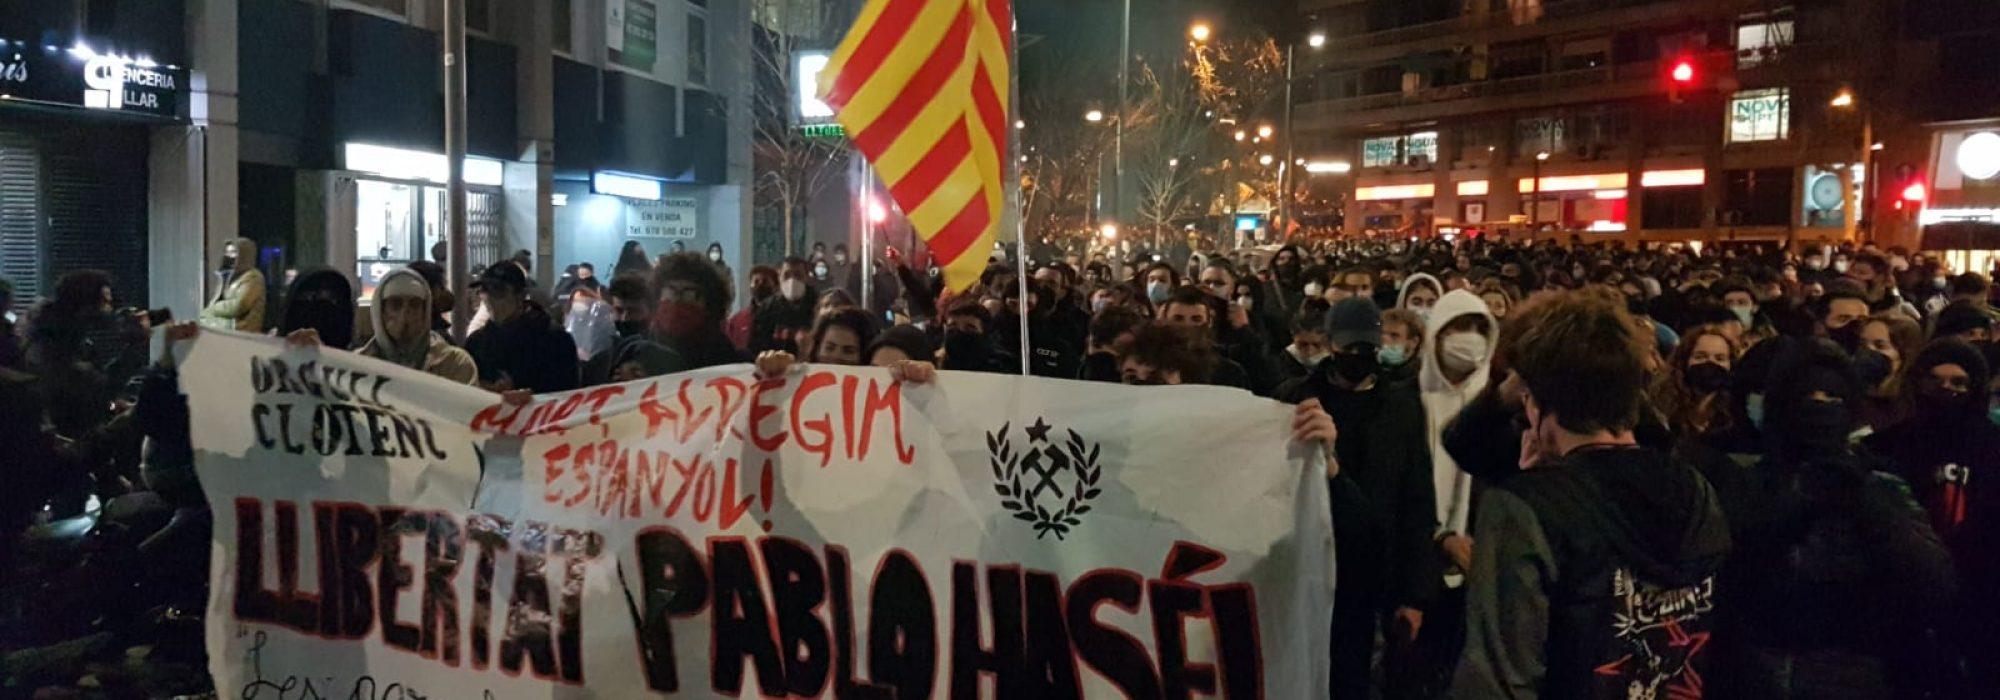 Protestes_contra_l'empresonament_de_Pablo_Hasél,_manifestació_a_Barcelona